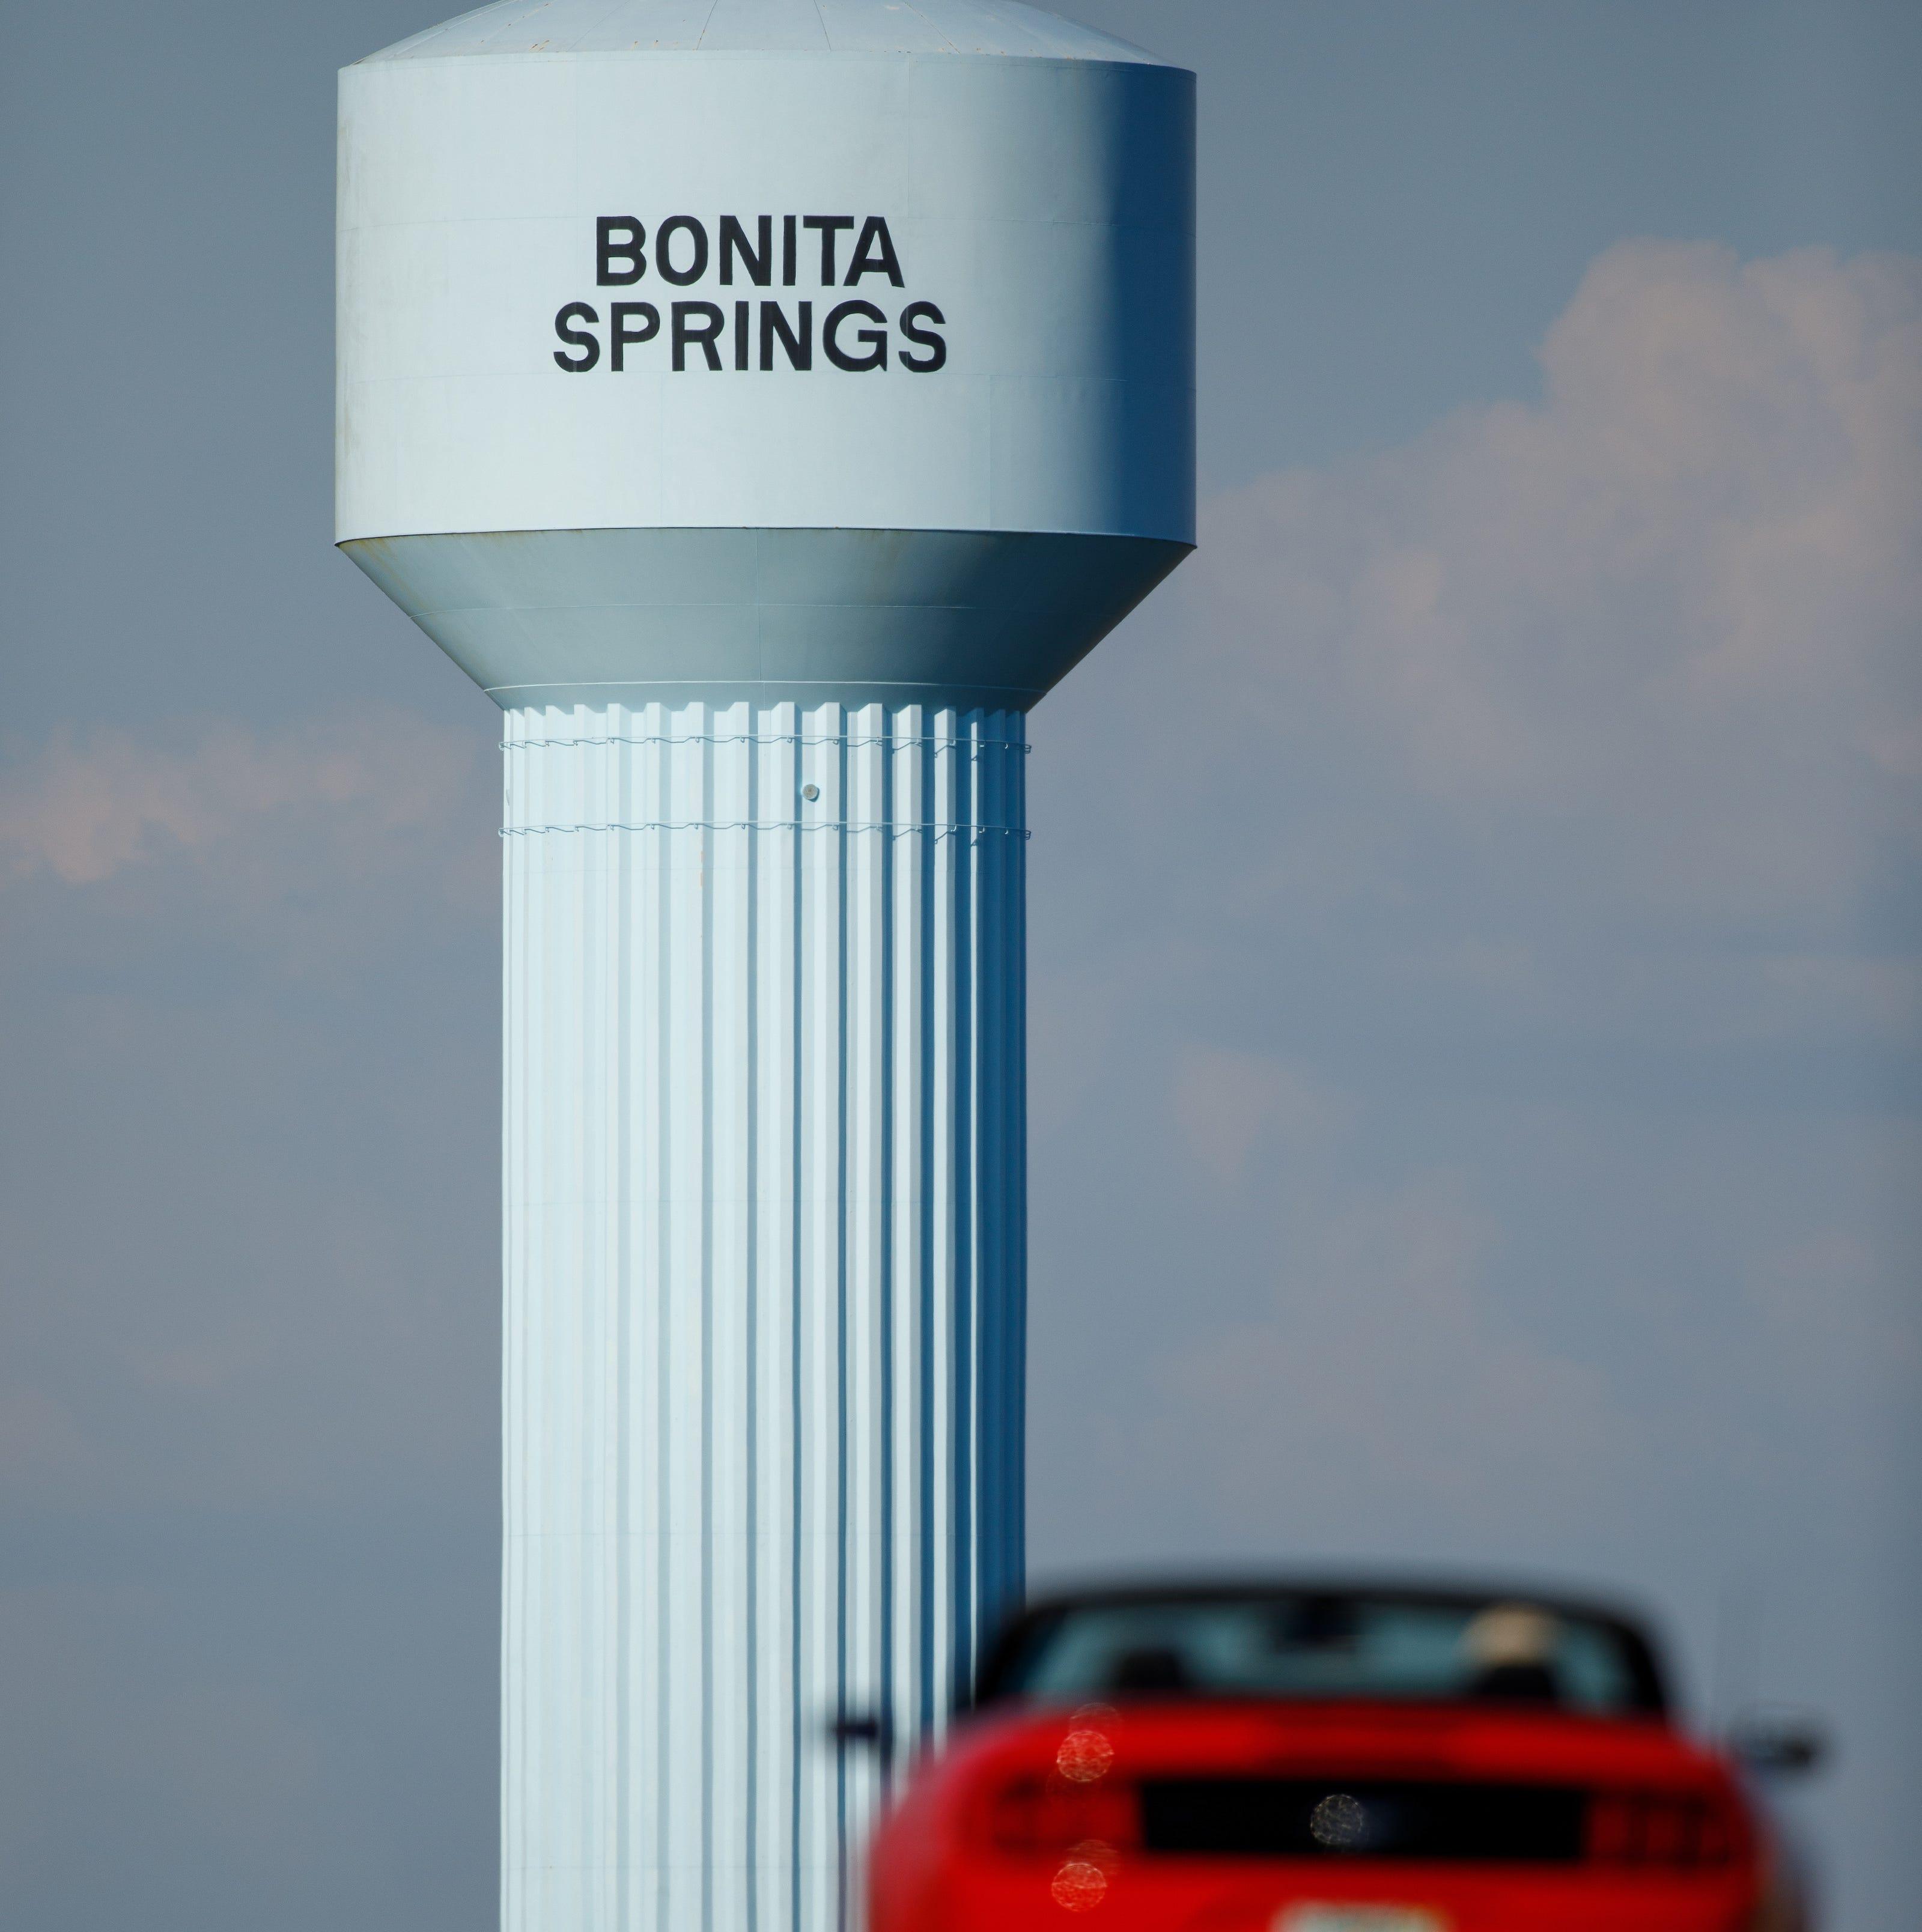 Bonita Springs water tower being demolished, BSU says